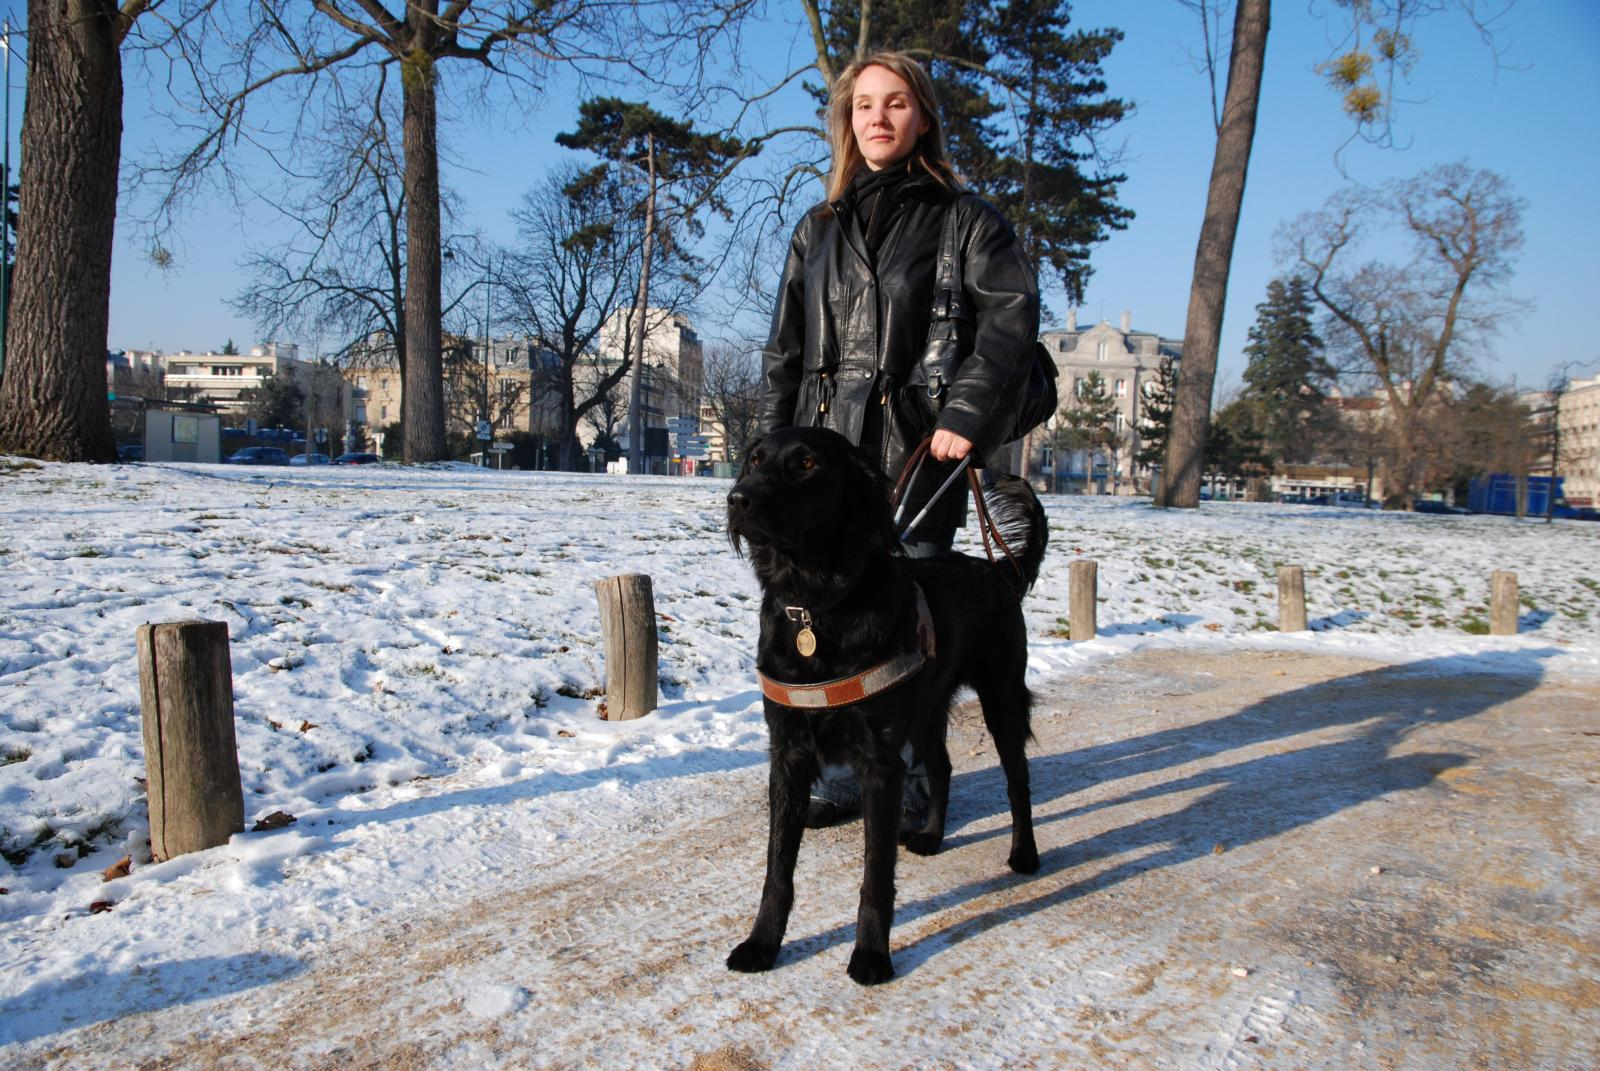 cindy et son chien guide